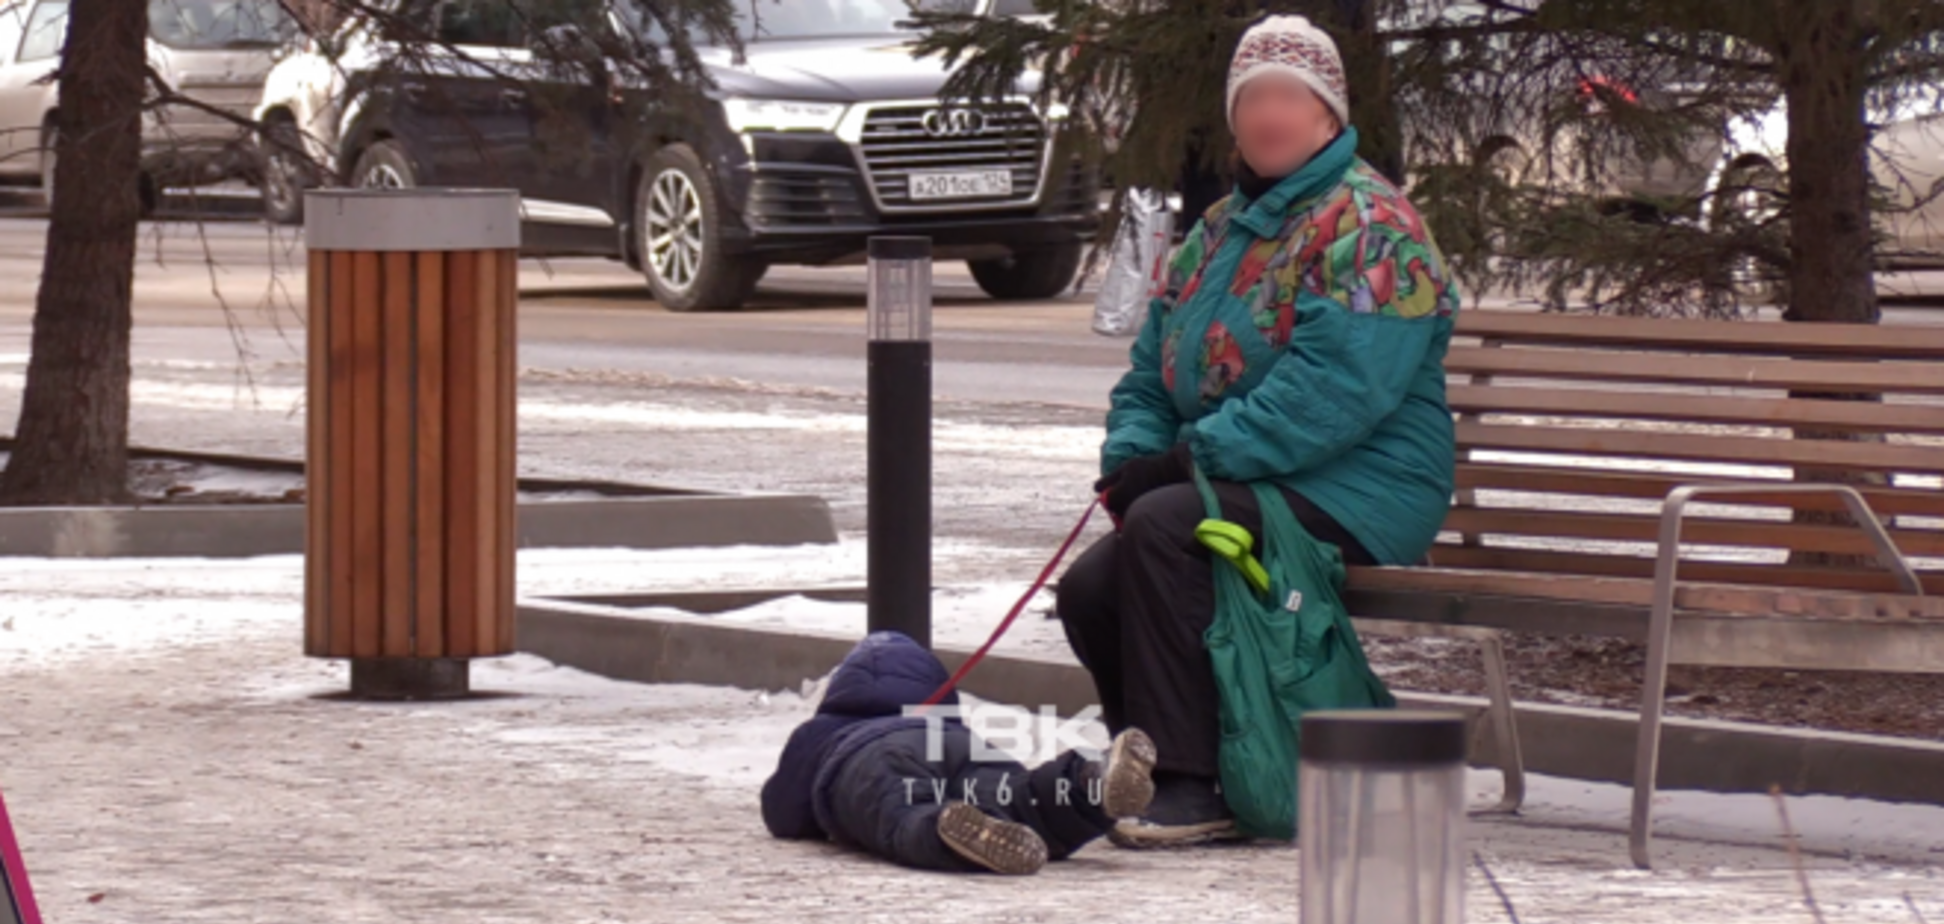 Как собаку: россиянка протянула ребенка в слезах по тротуару за 'поводок'. Видео